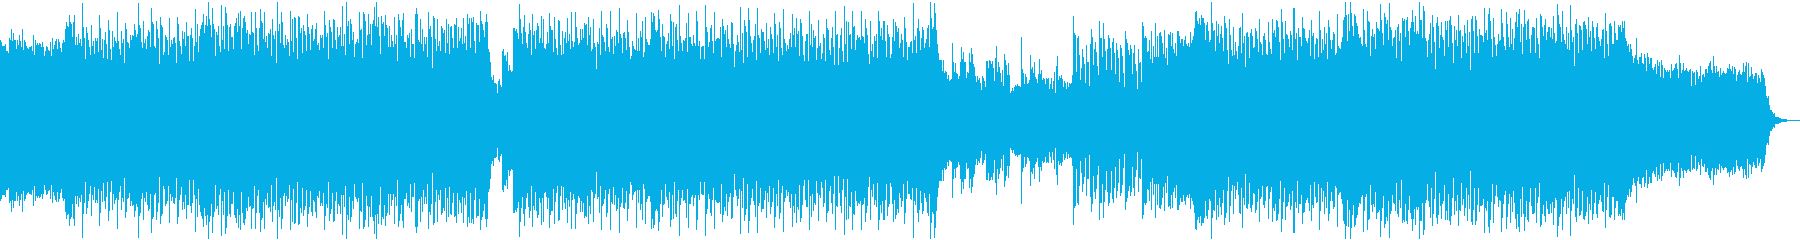 かっこいい・ED・OP・テーマソングの再生済みの波形